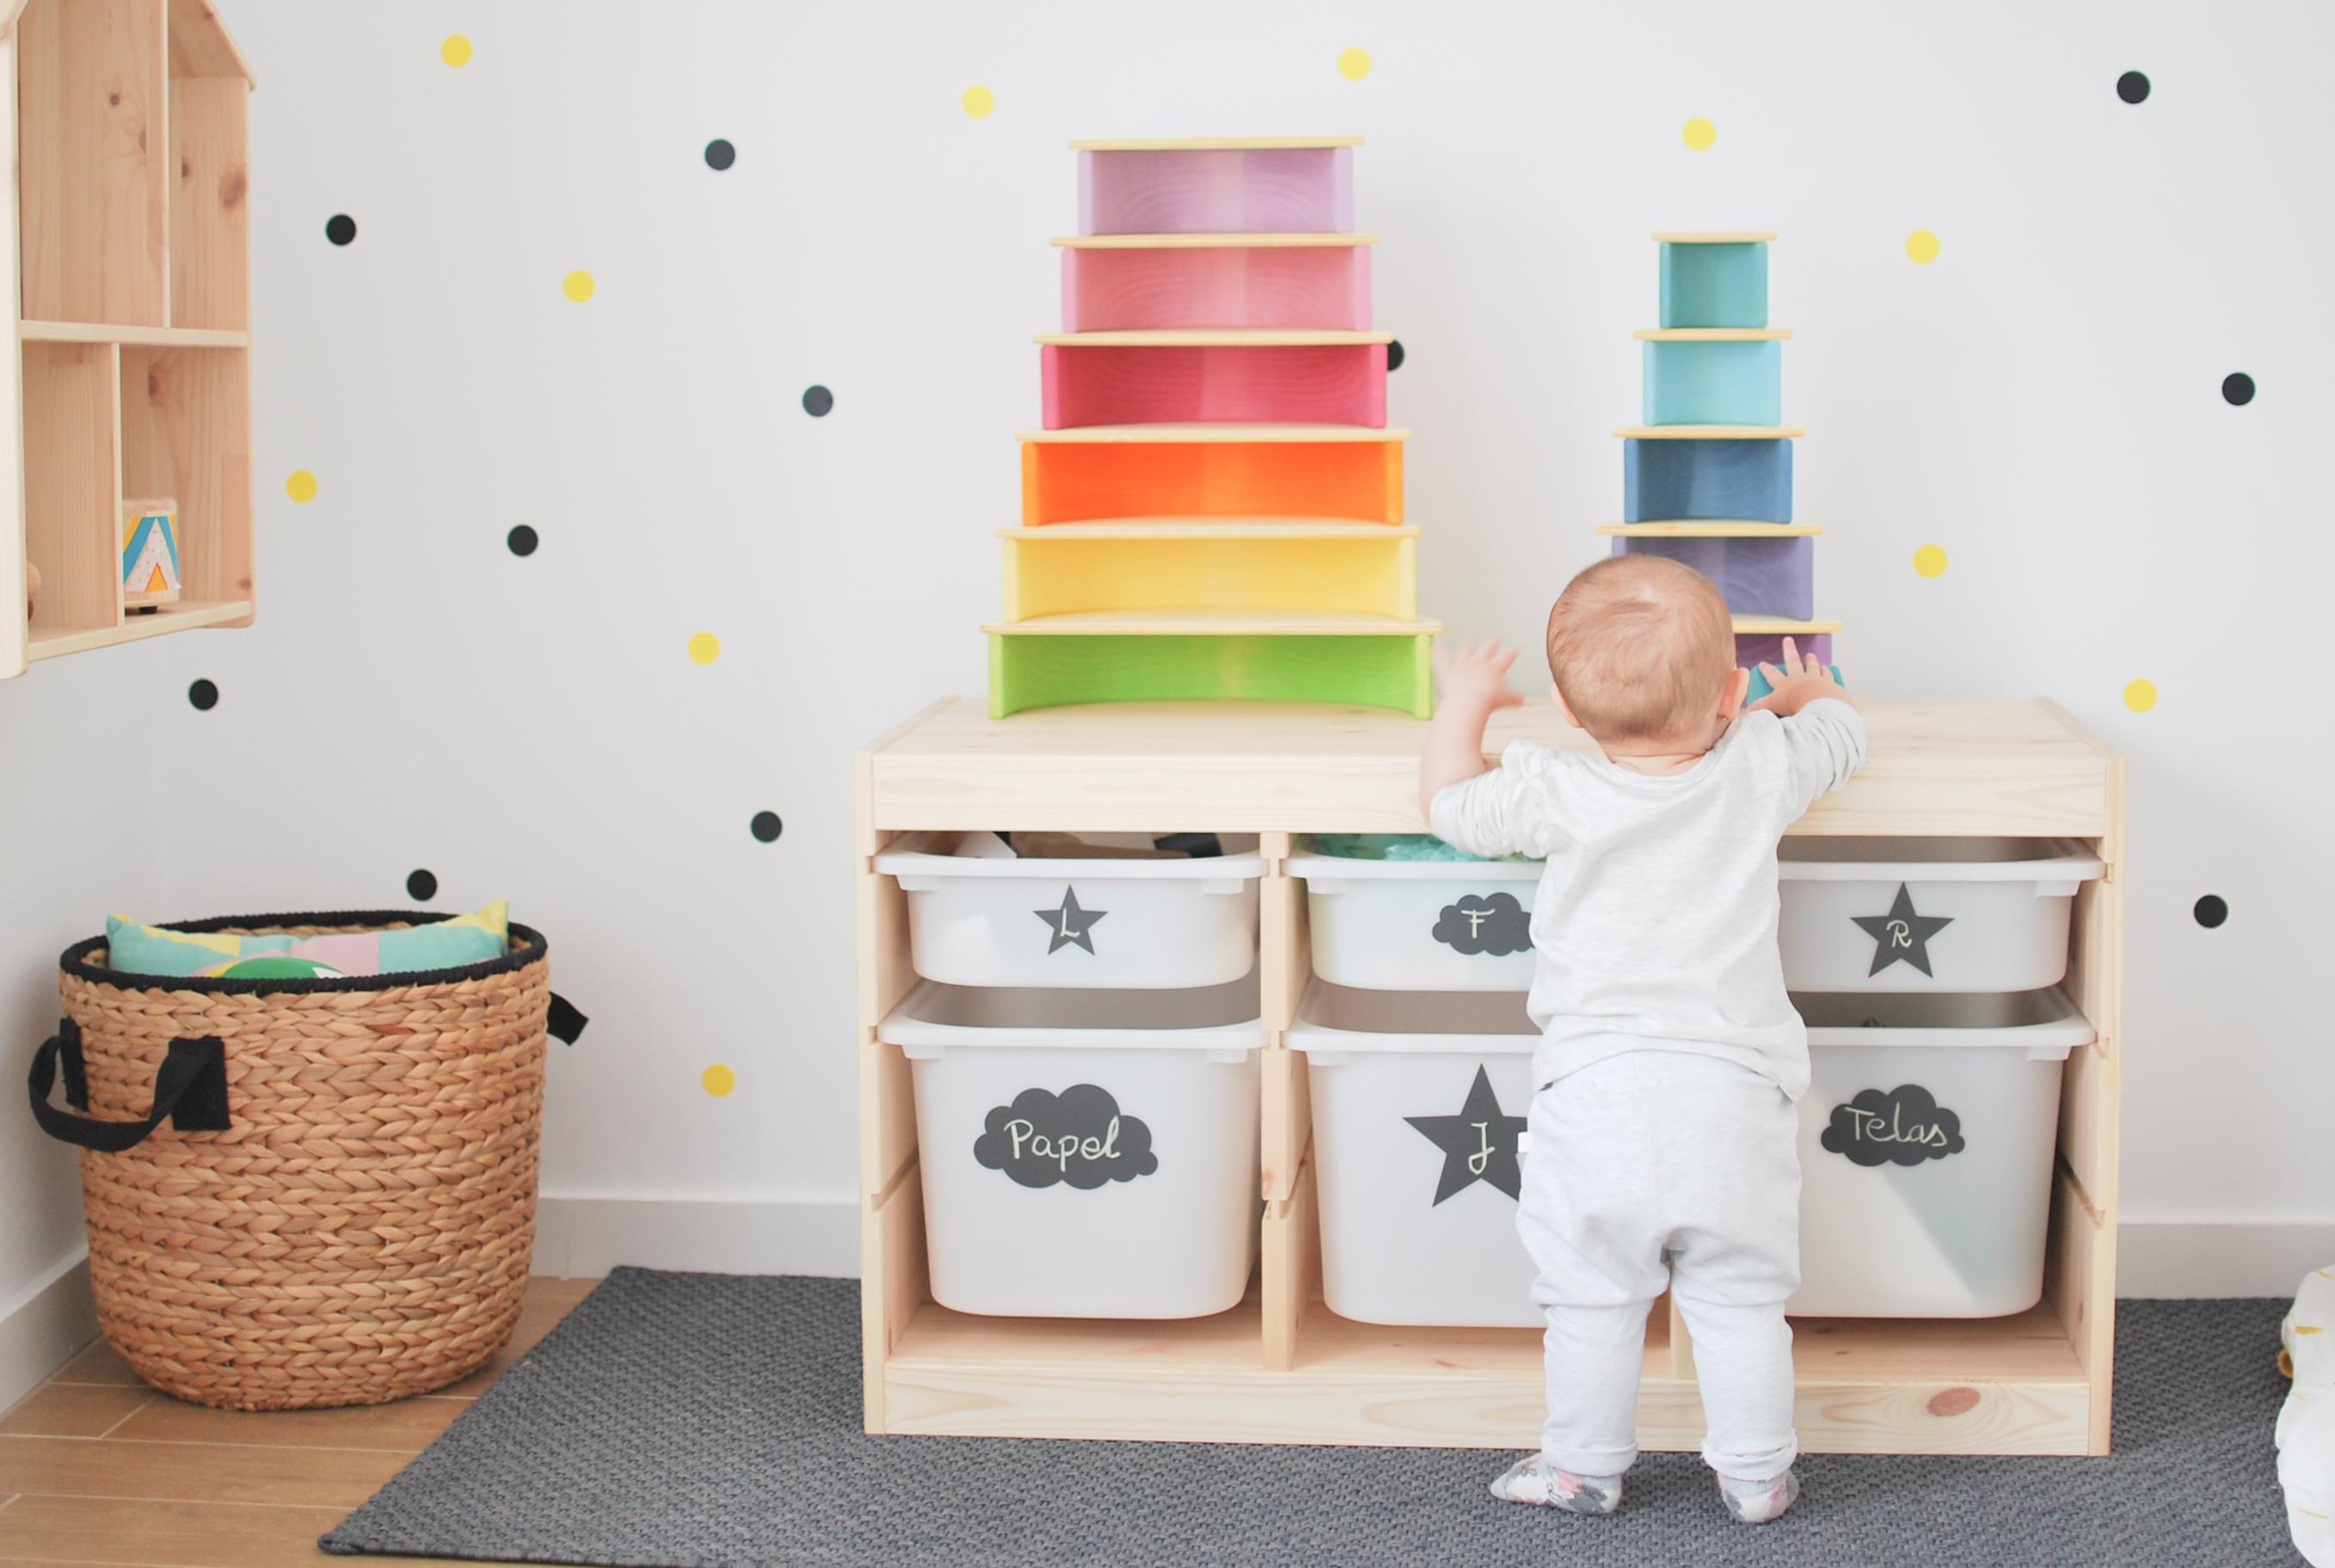 La Habitaci N De Juegos De Alma Ideas Y Diy # Muebles Waldorf